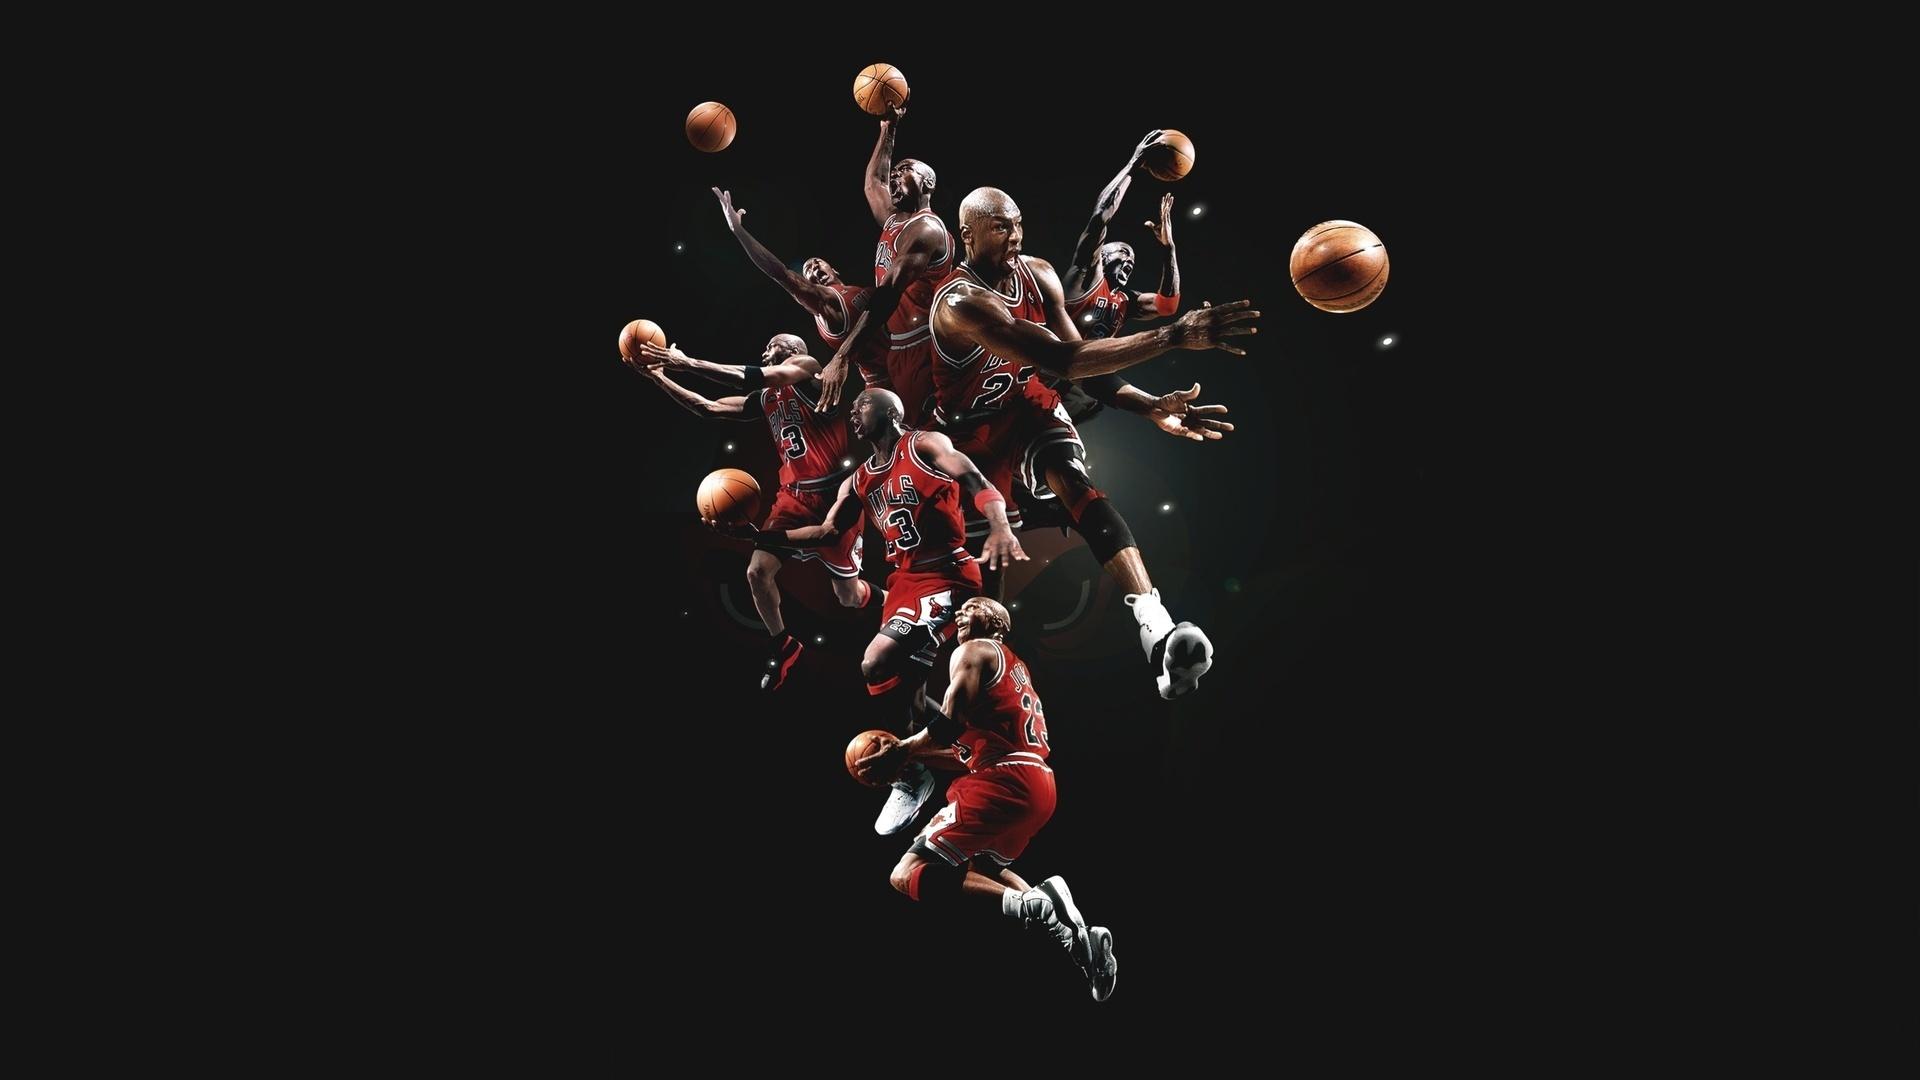 Michael Jordan desktop wallpaper